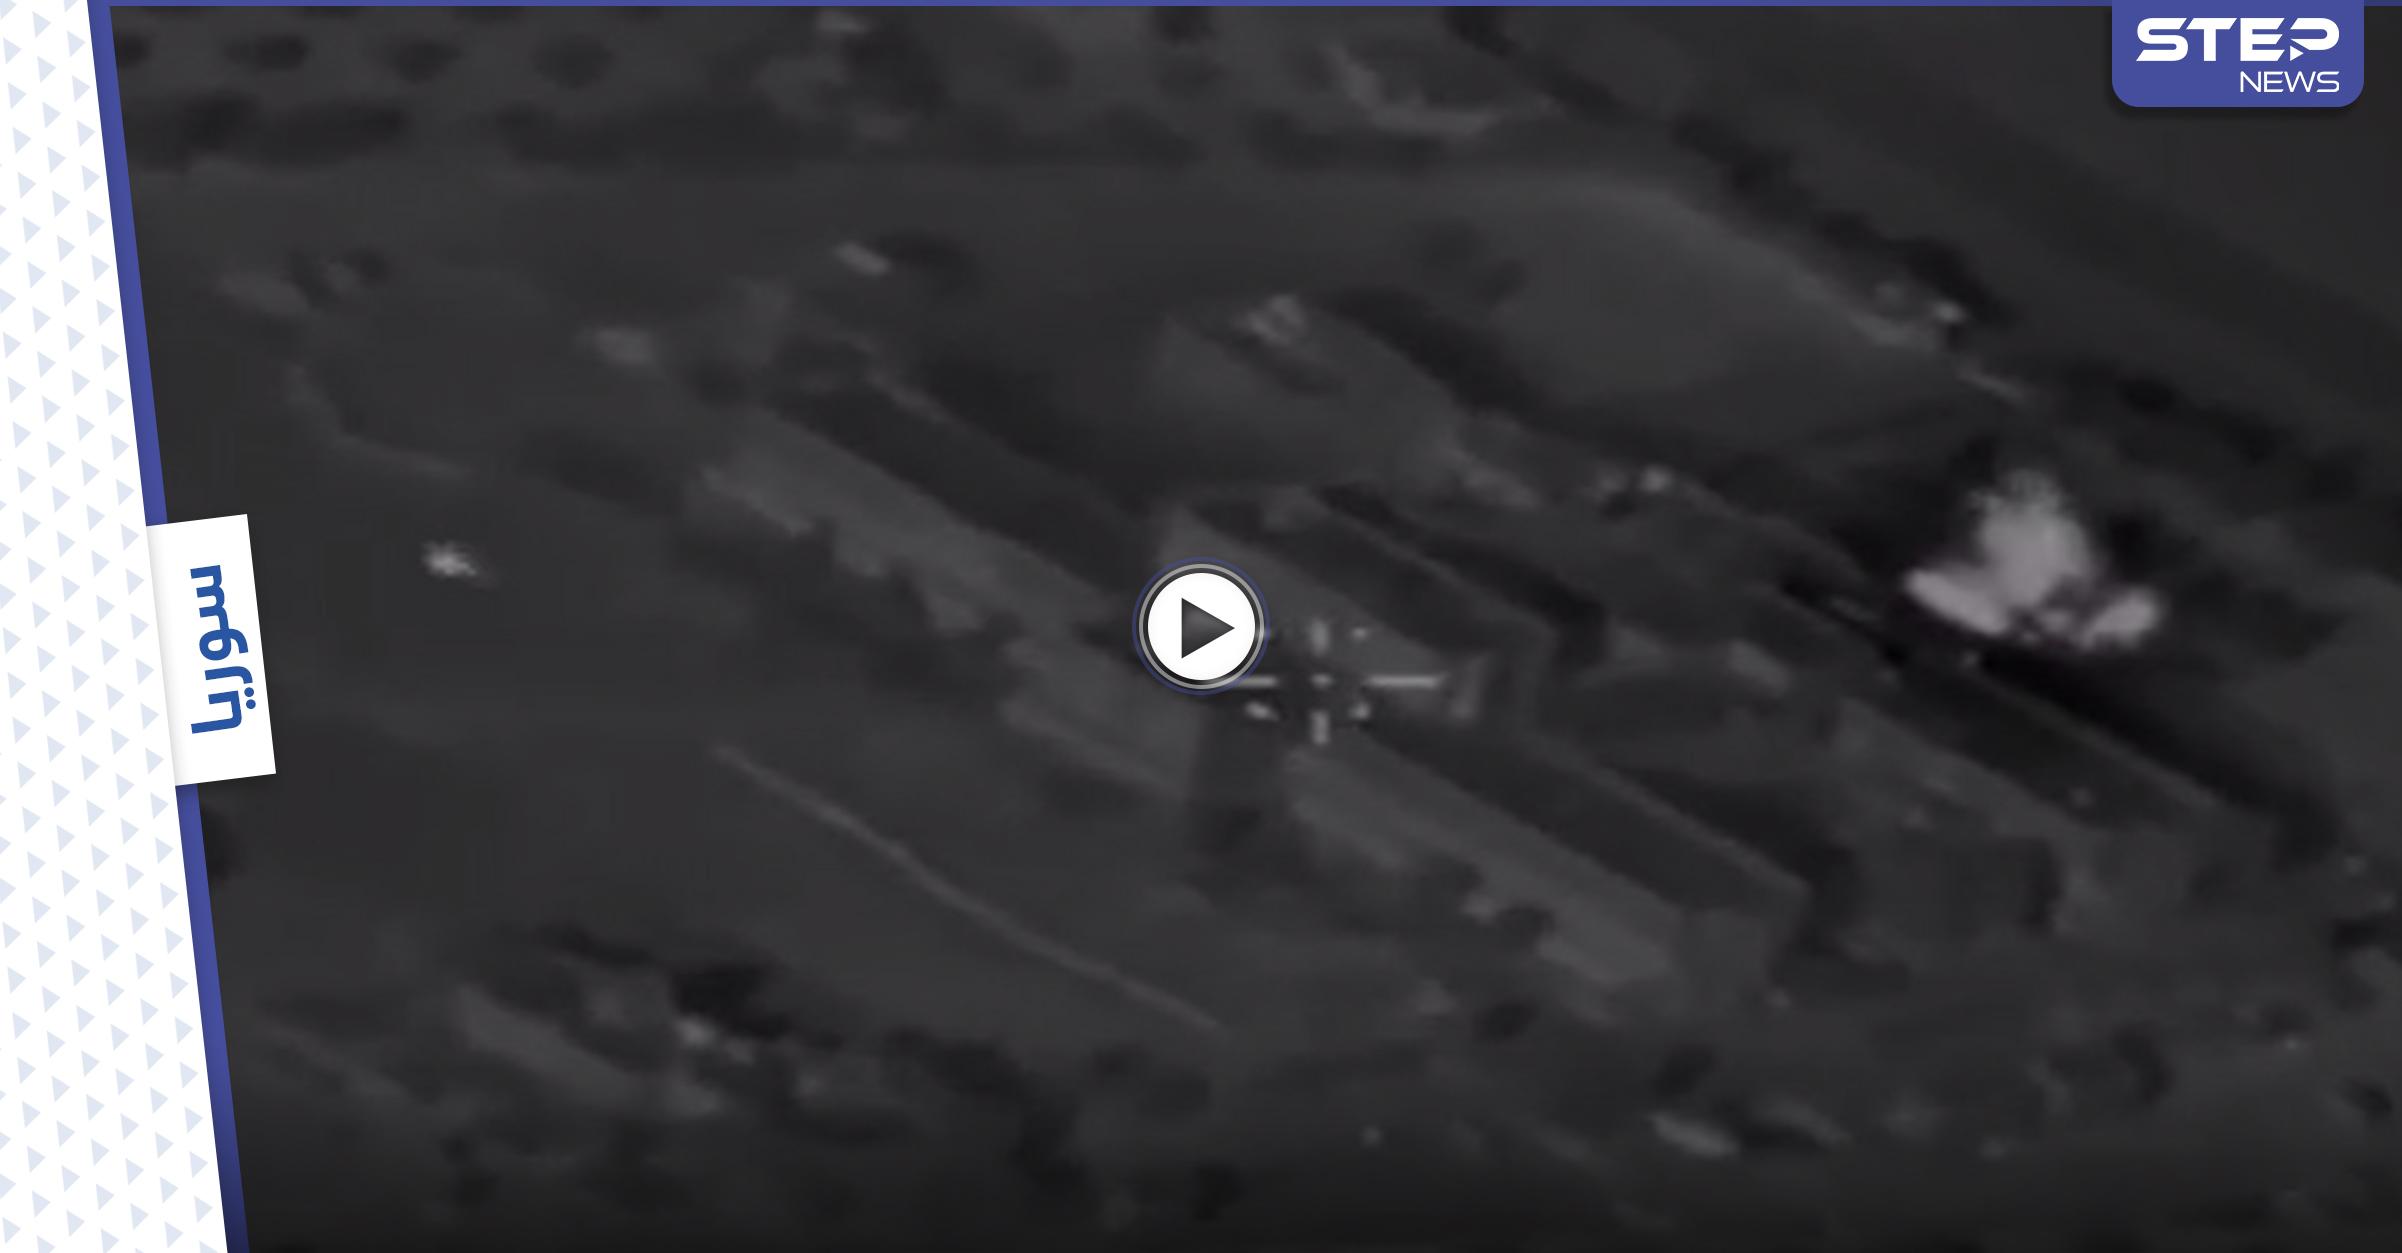 """بالفيديو   تعرّف على الطائرات الإسرائيلية التي أنقذت نظام الأسد من """"السقوط"""" وعلاقة روسيا بالأمر"""